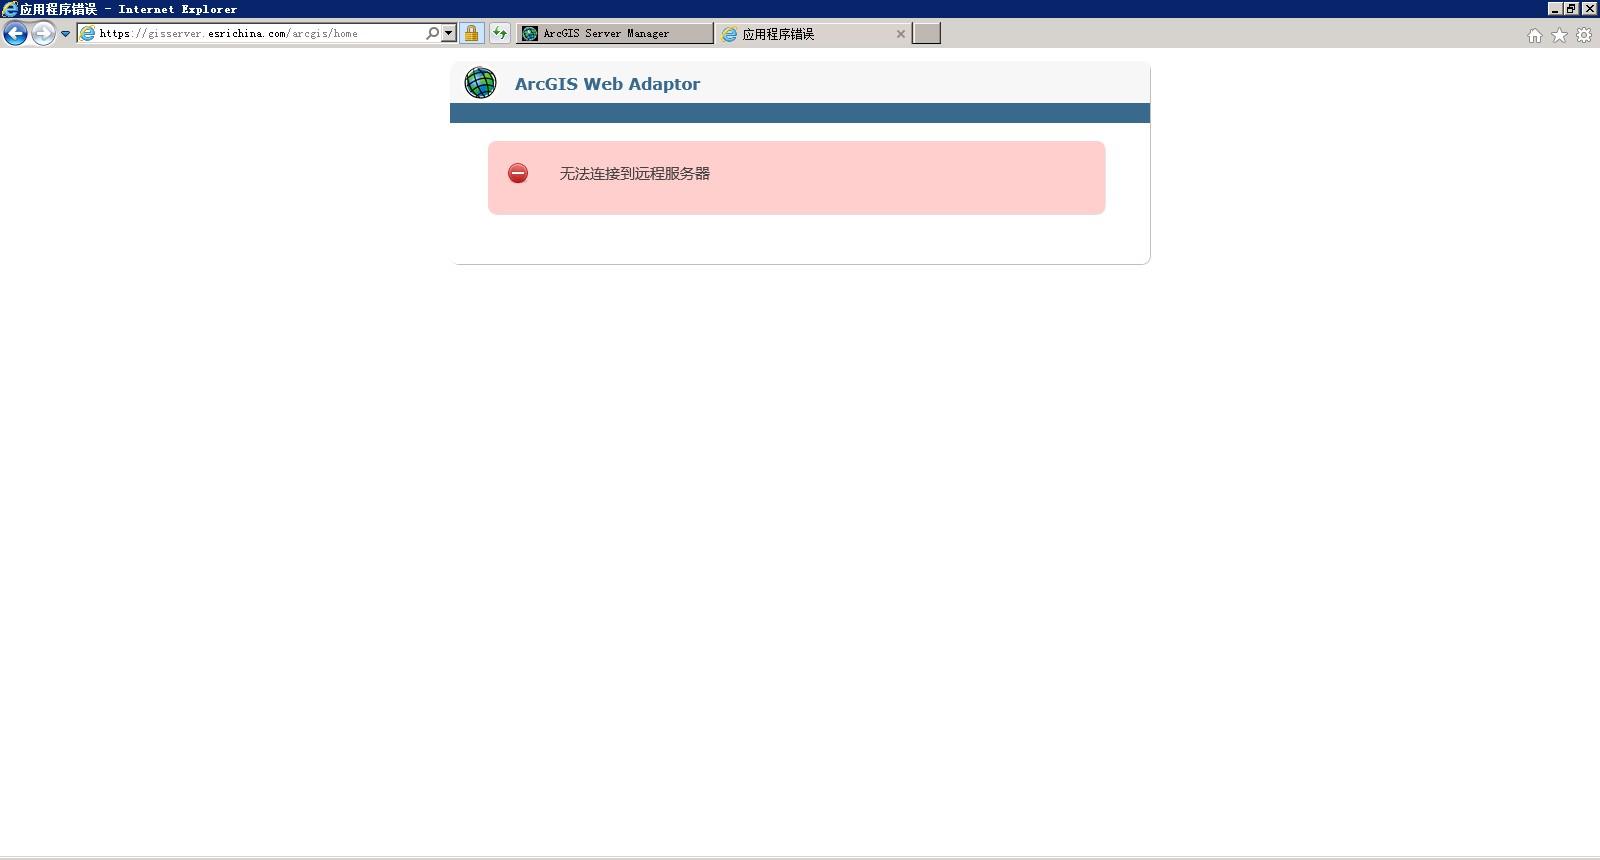 portal访问报应用程序错误,提示web_adaptor无法连接到远程服务器.jpg